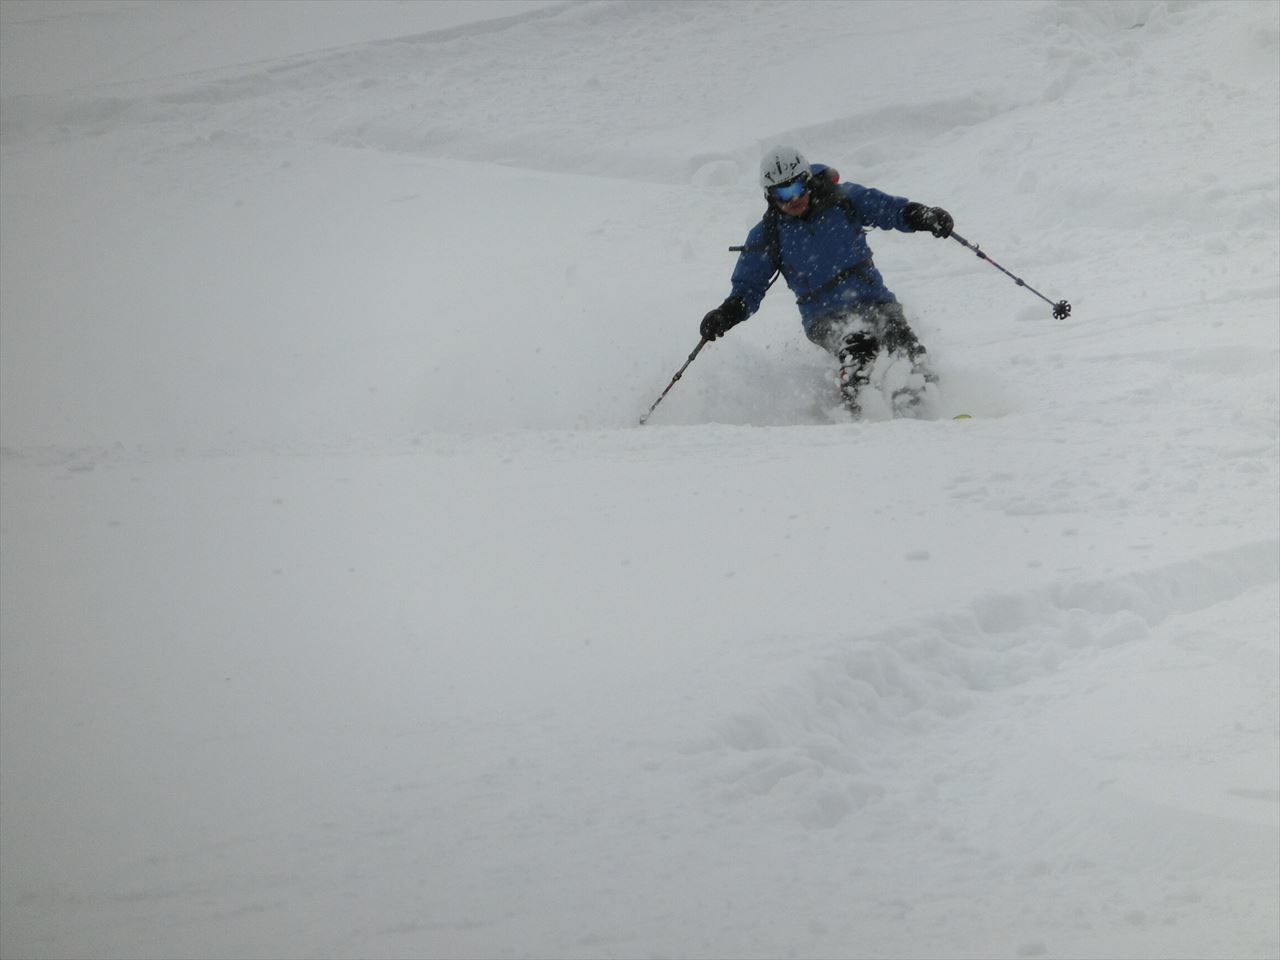 2017年1月21日朝里岳を滑る-2_c0242406_12113063.jpg